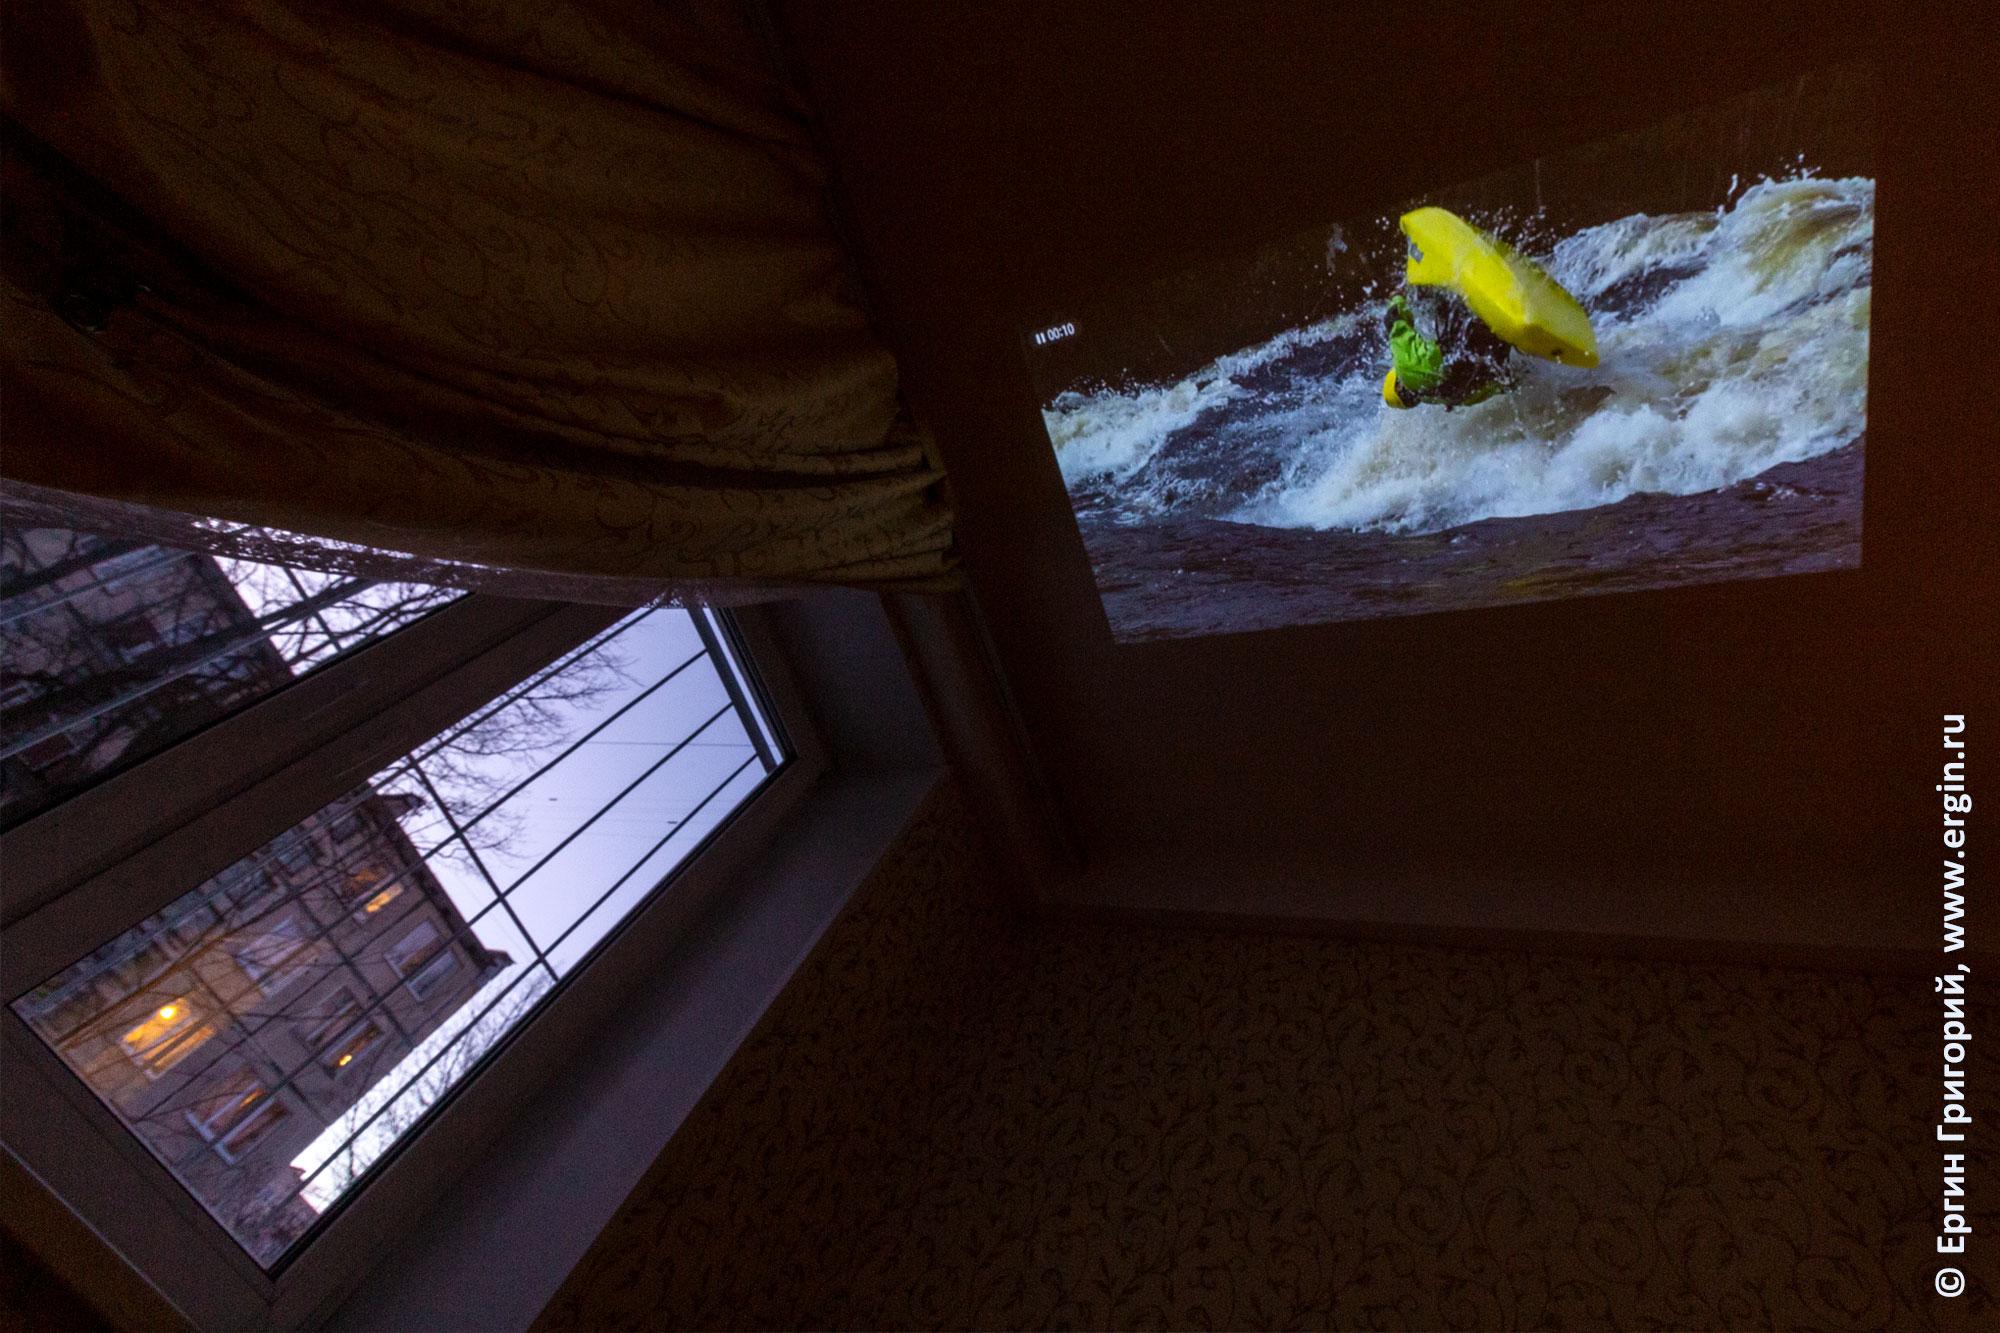 Картинка с проектора LG PF50KS на потолке рядом окно и сумерки